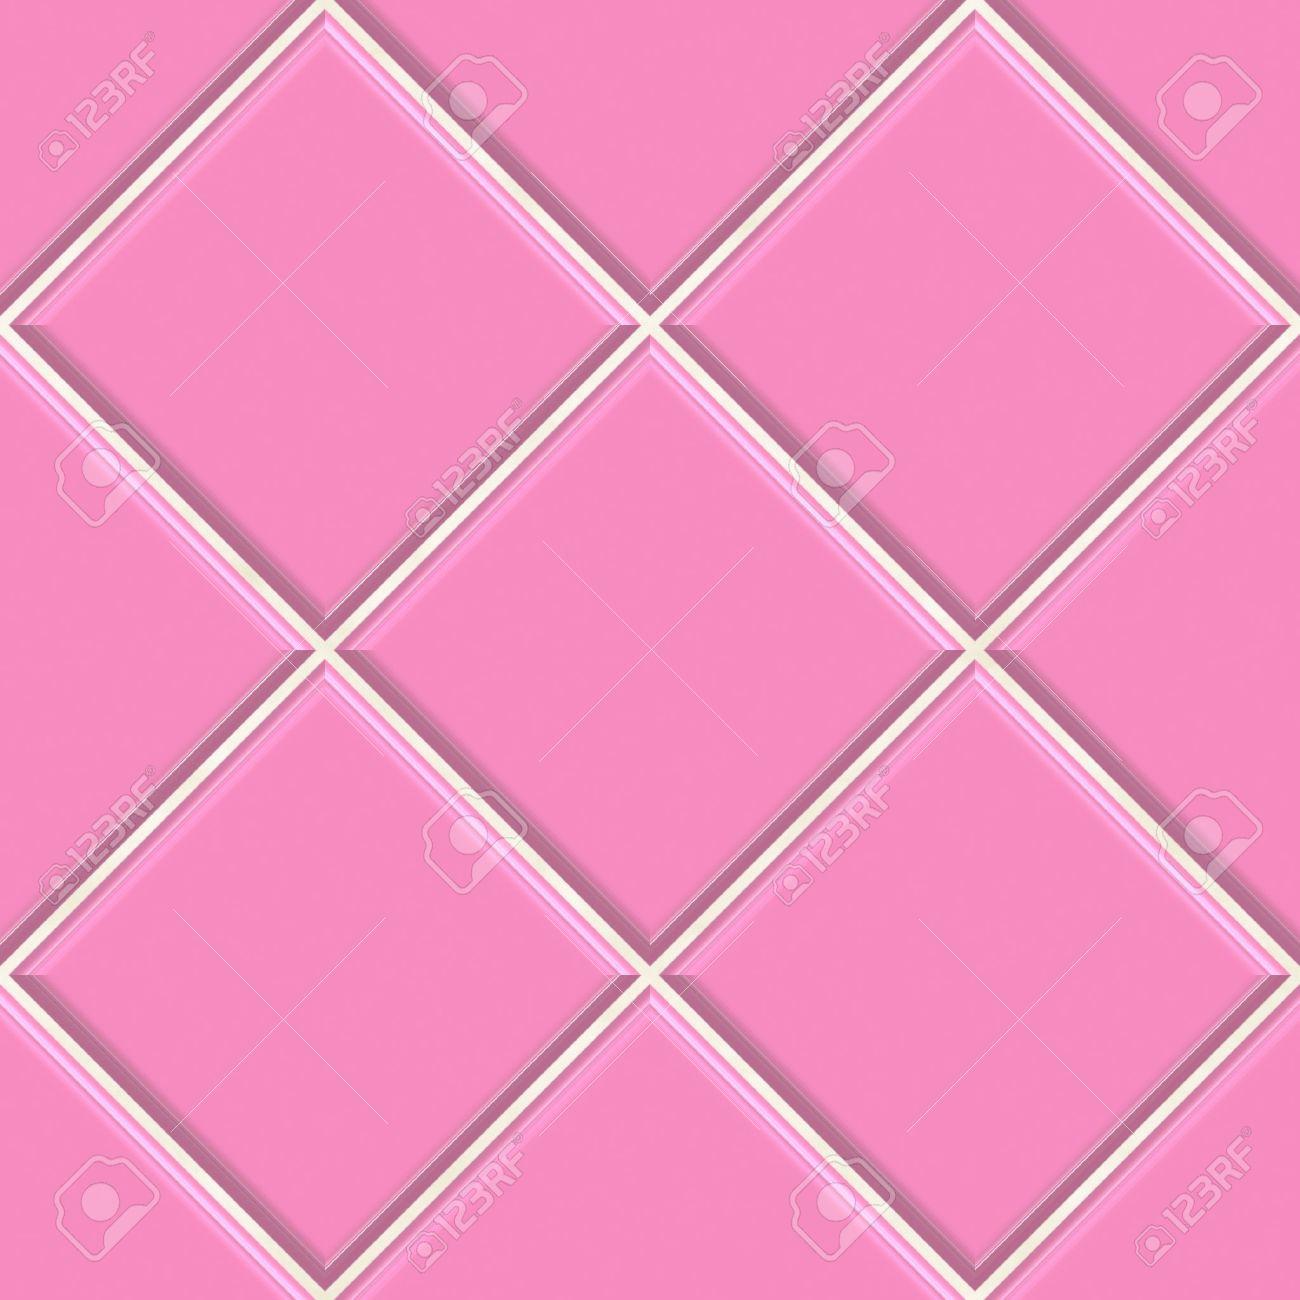 concepto de fondo la cocina o el bao de textura transparente azulejos rosa foto de